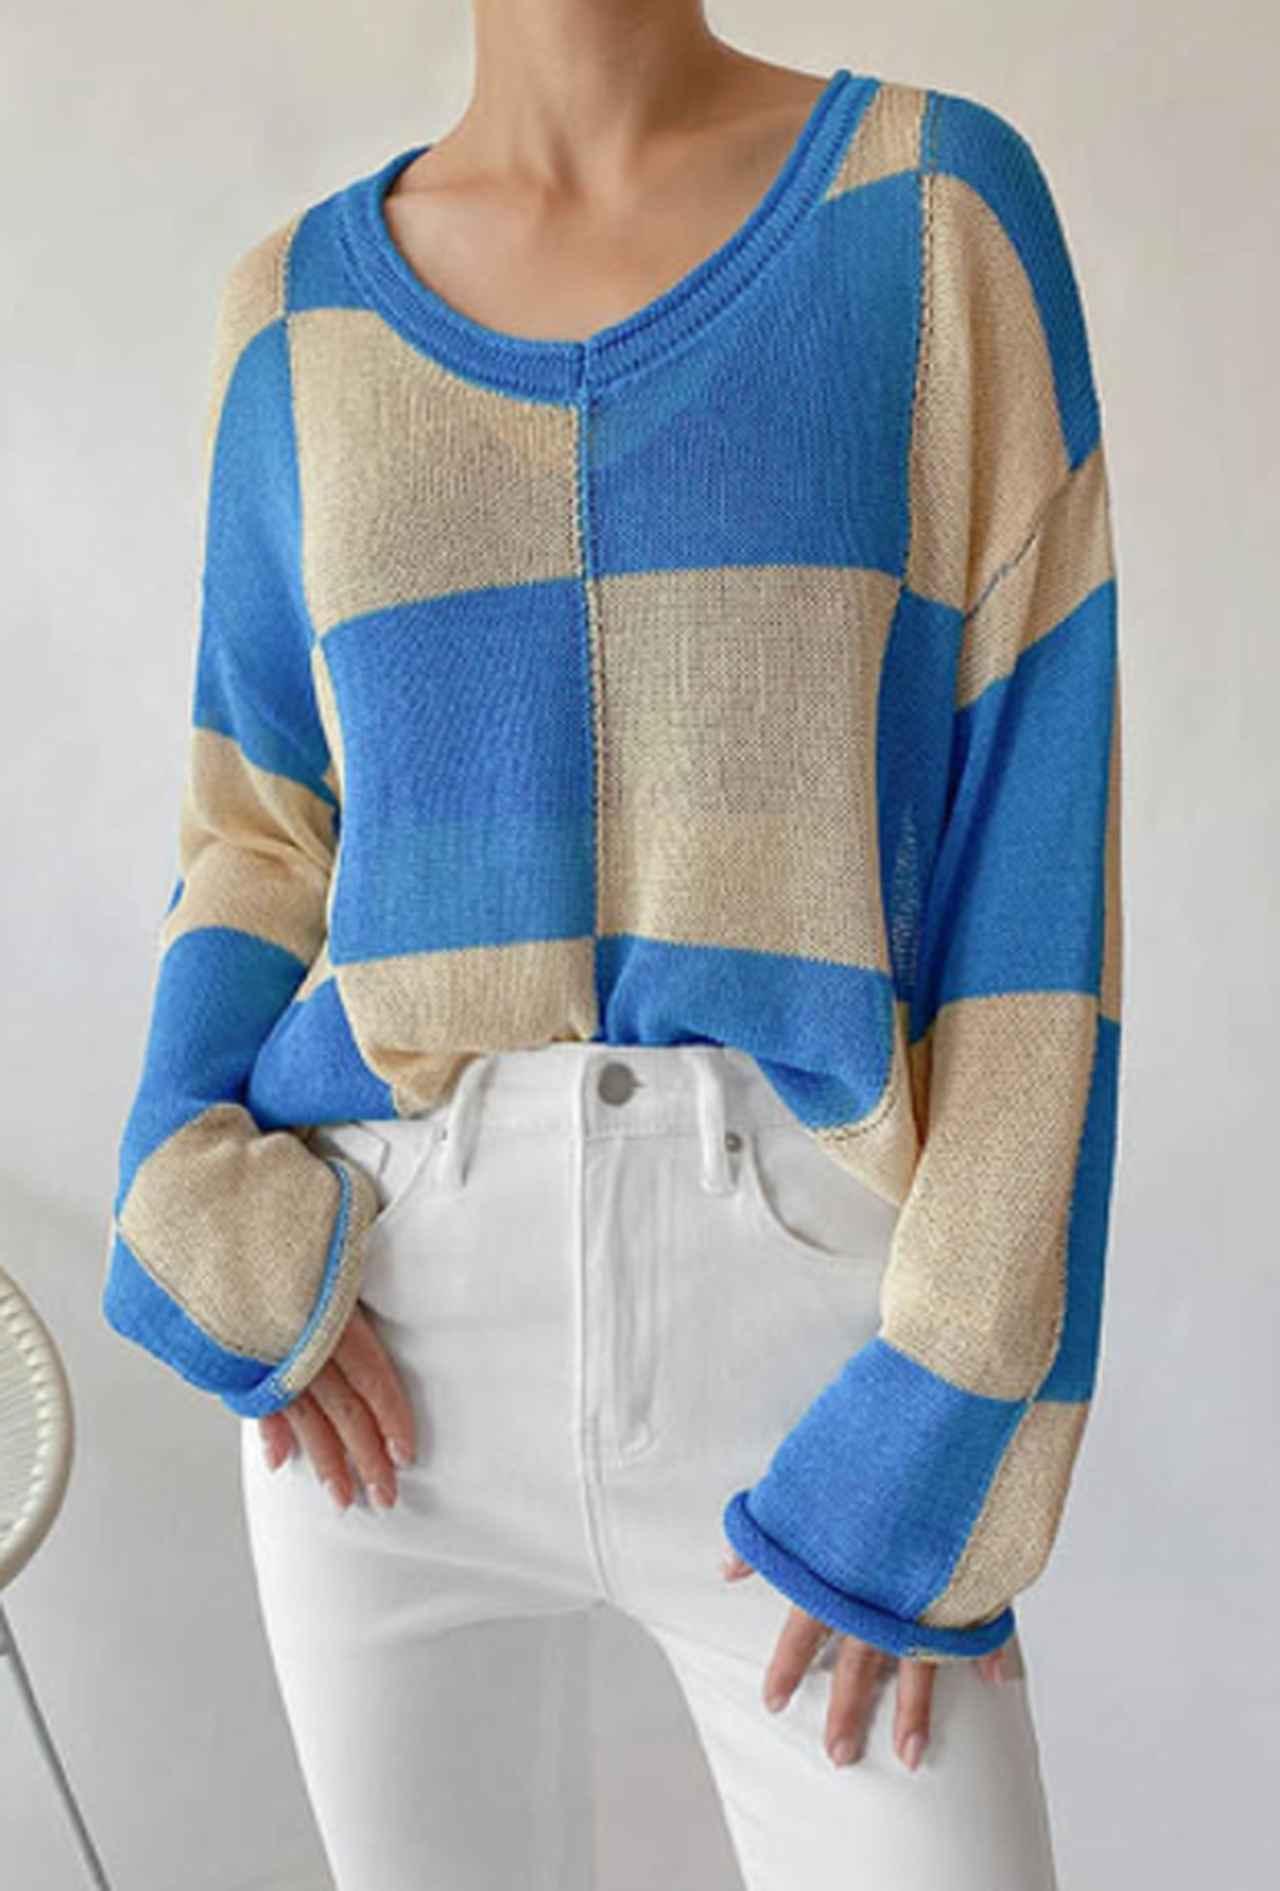 画像2: 韓国のロードサイドショップのファッションが手に入る!Qoo10に「BRICH」公式がオープン!